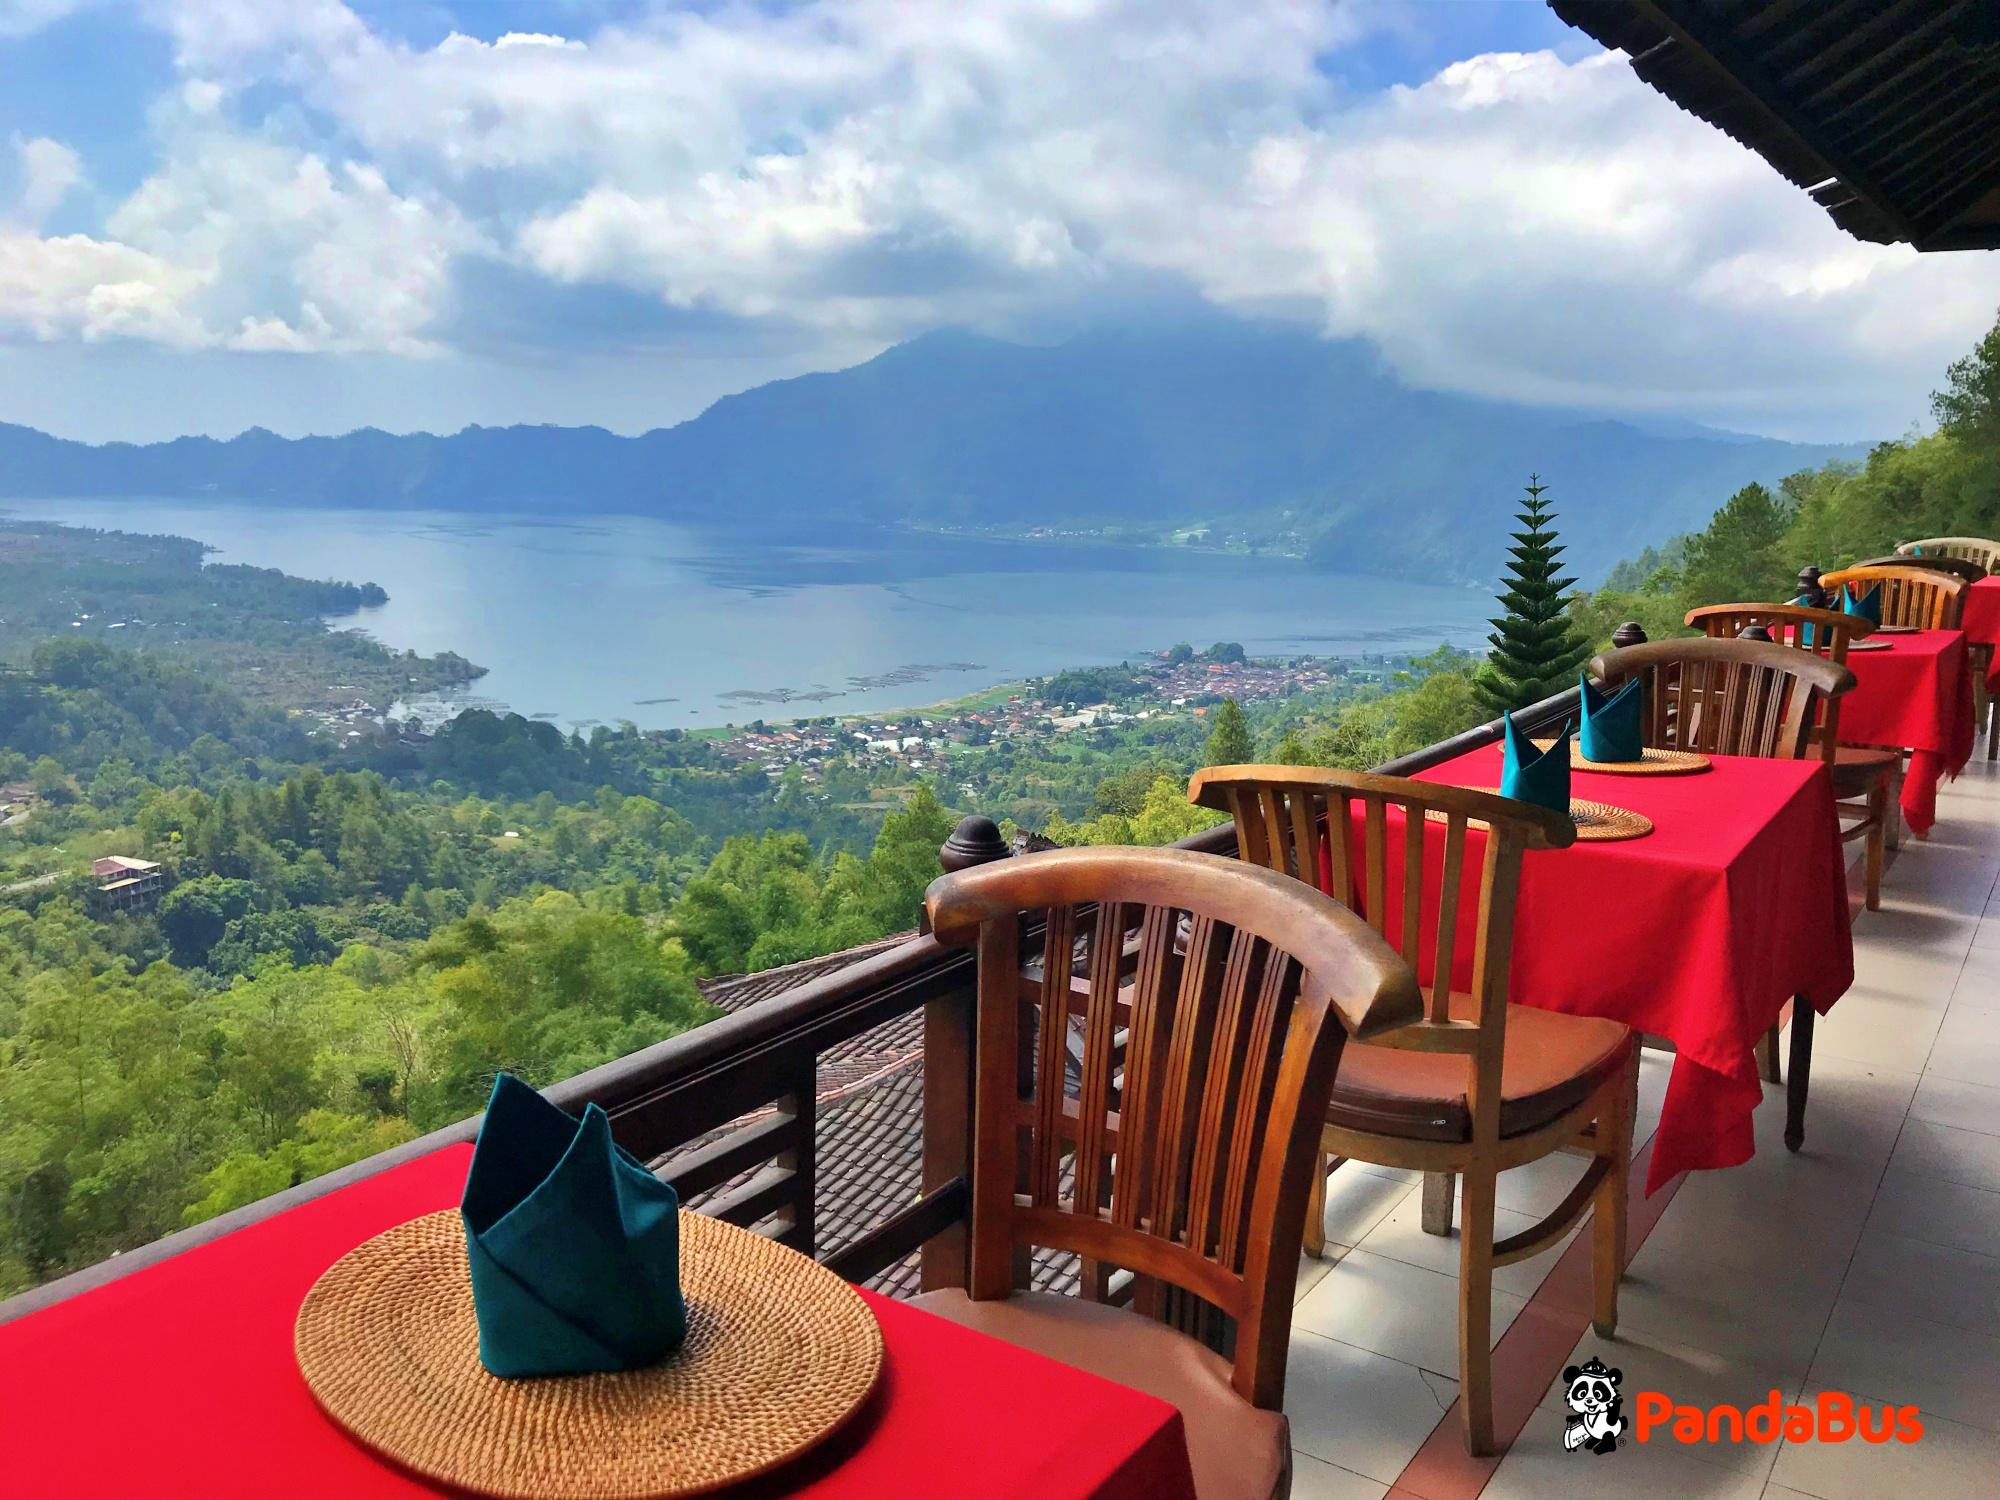 『キンタマーニ高原』到着、世界遺産『バトゥール湖』を眺めながらの昼食